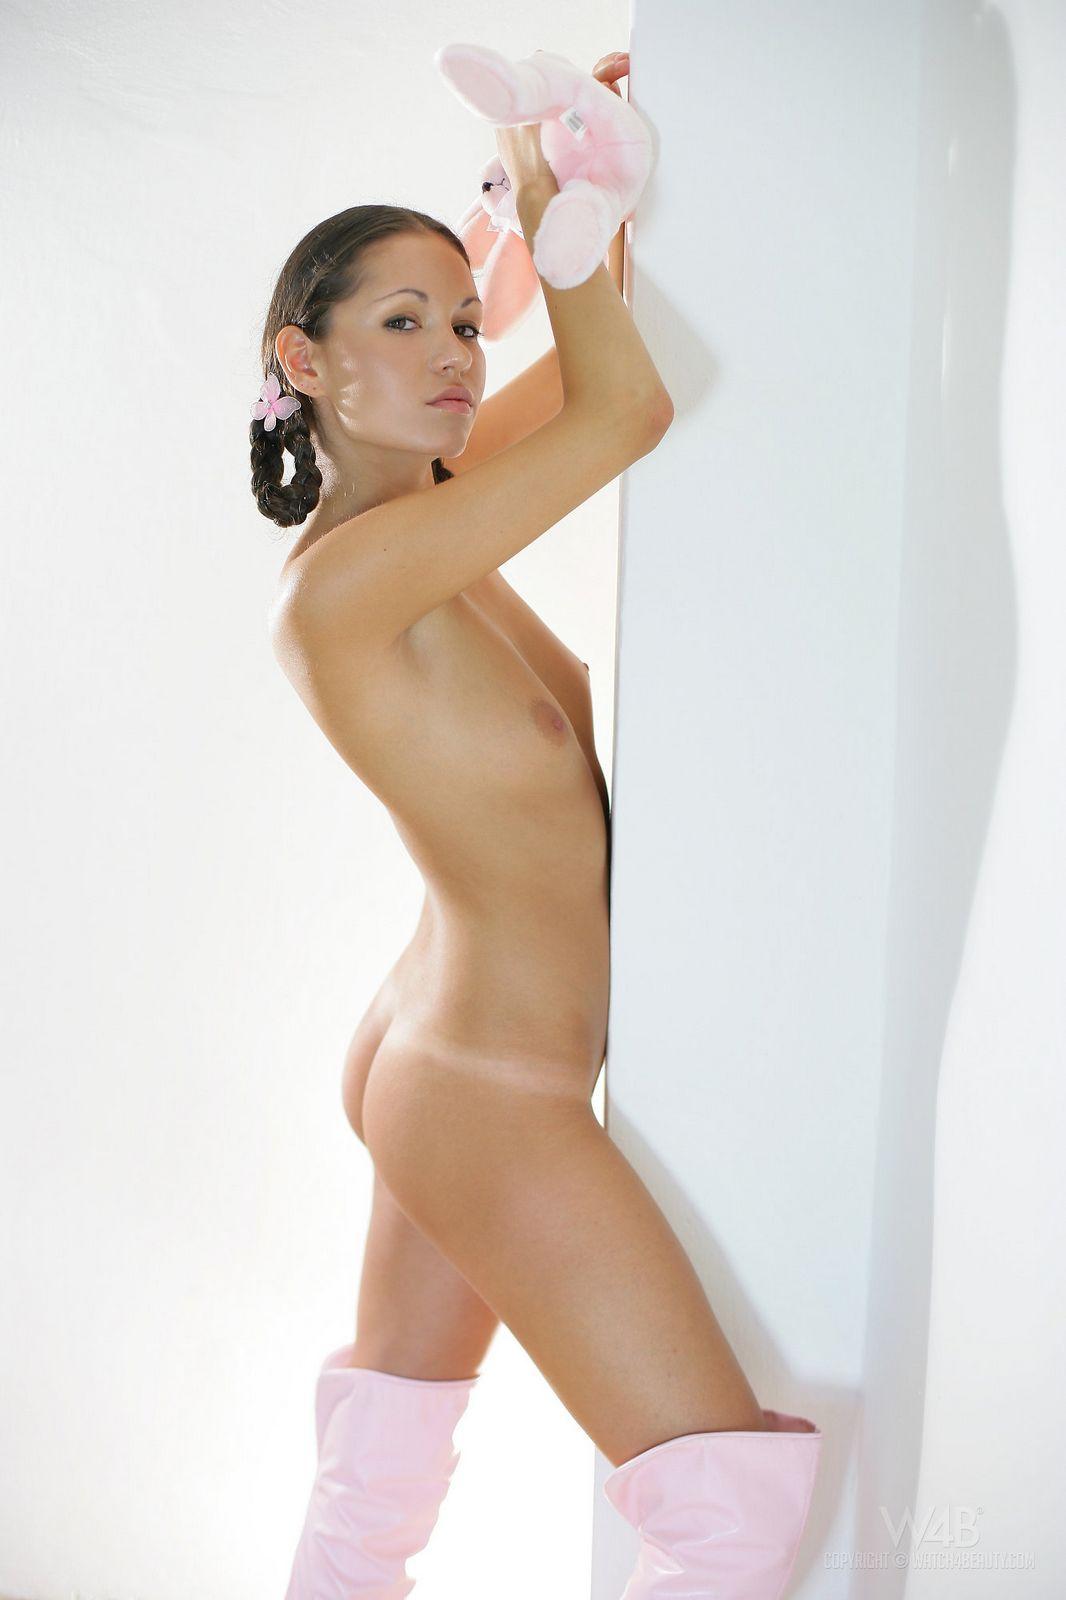 В этой галерее брюнеточка с хвостиками Erika Nasticka одета только в розовые сапожки